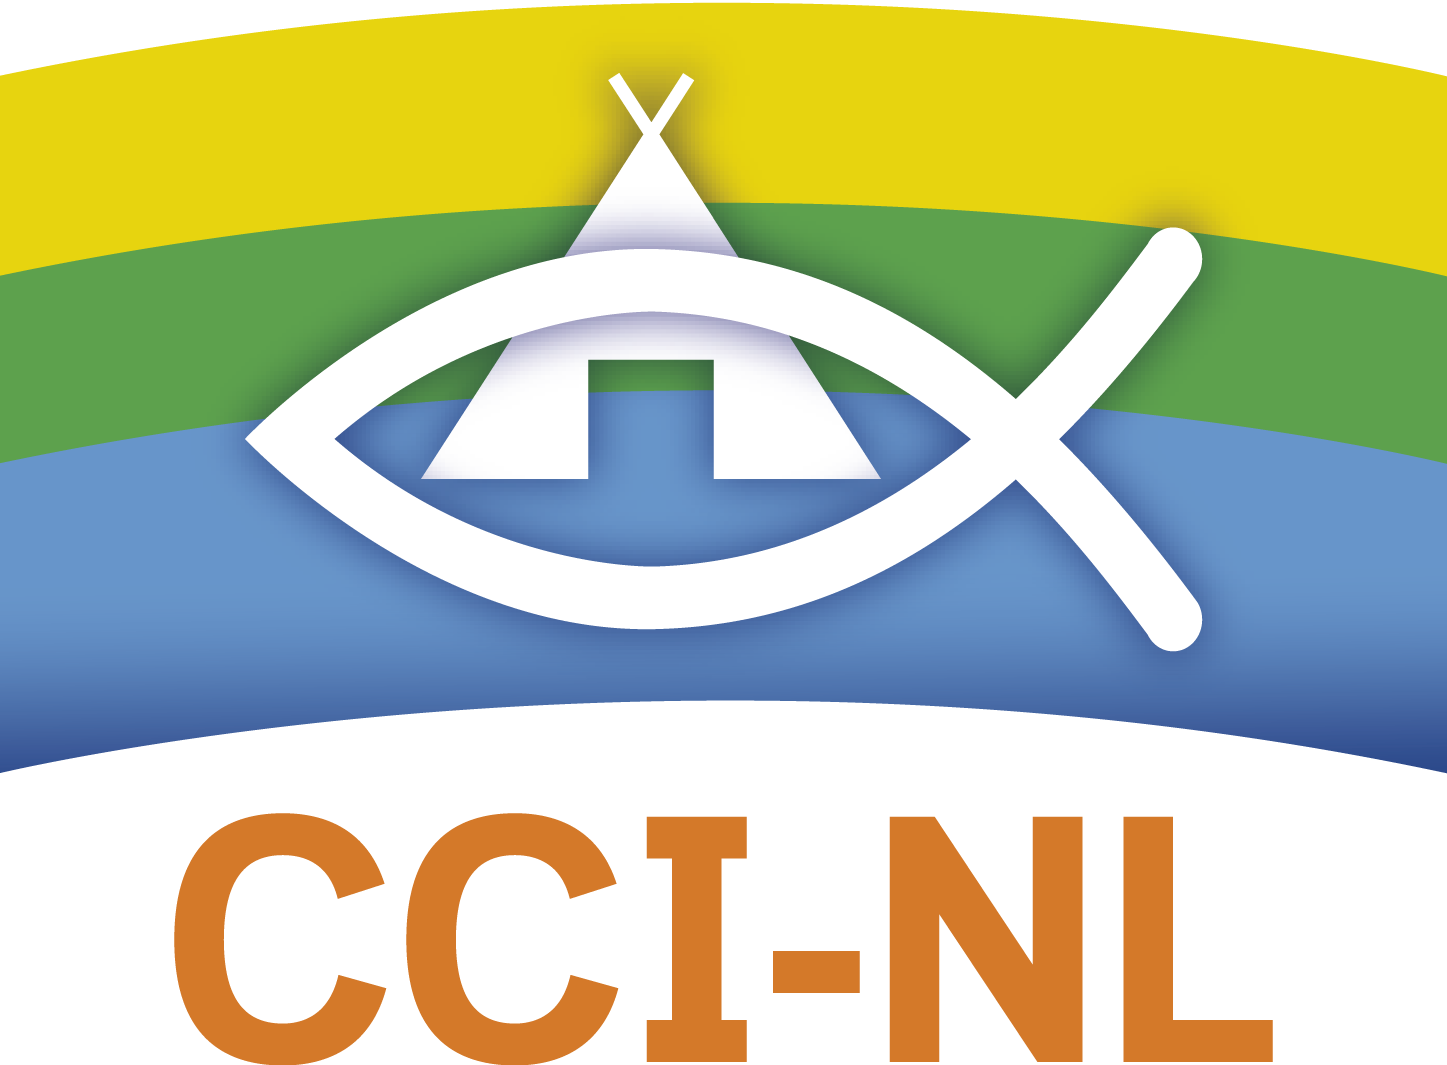 Nieuws uit het CCI-Netwerk!